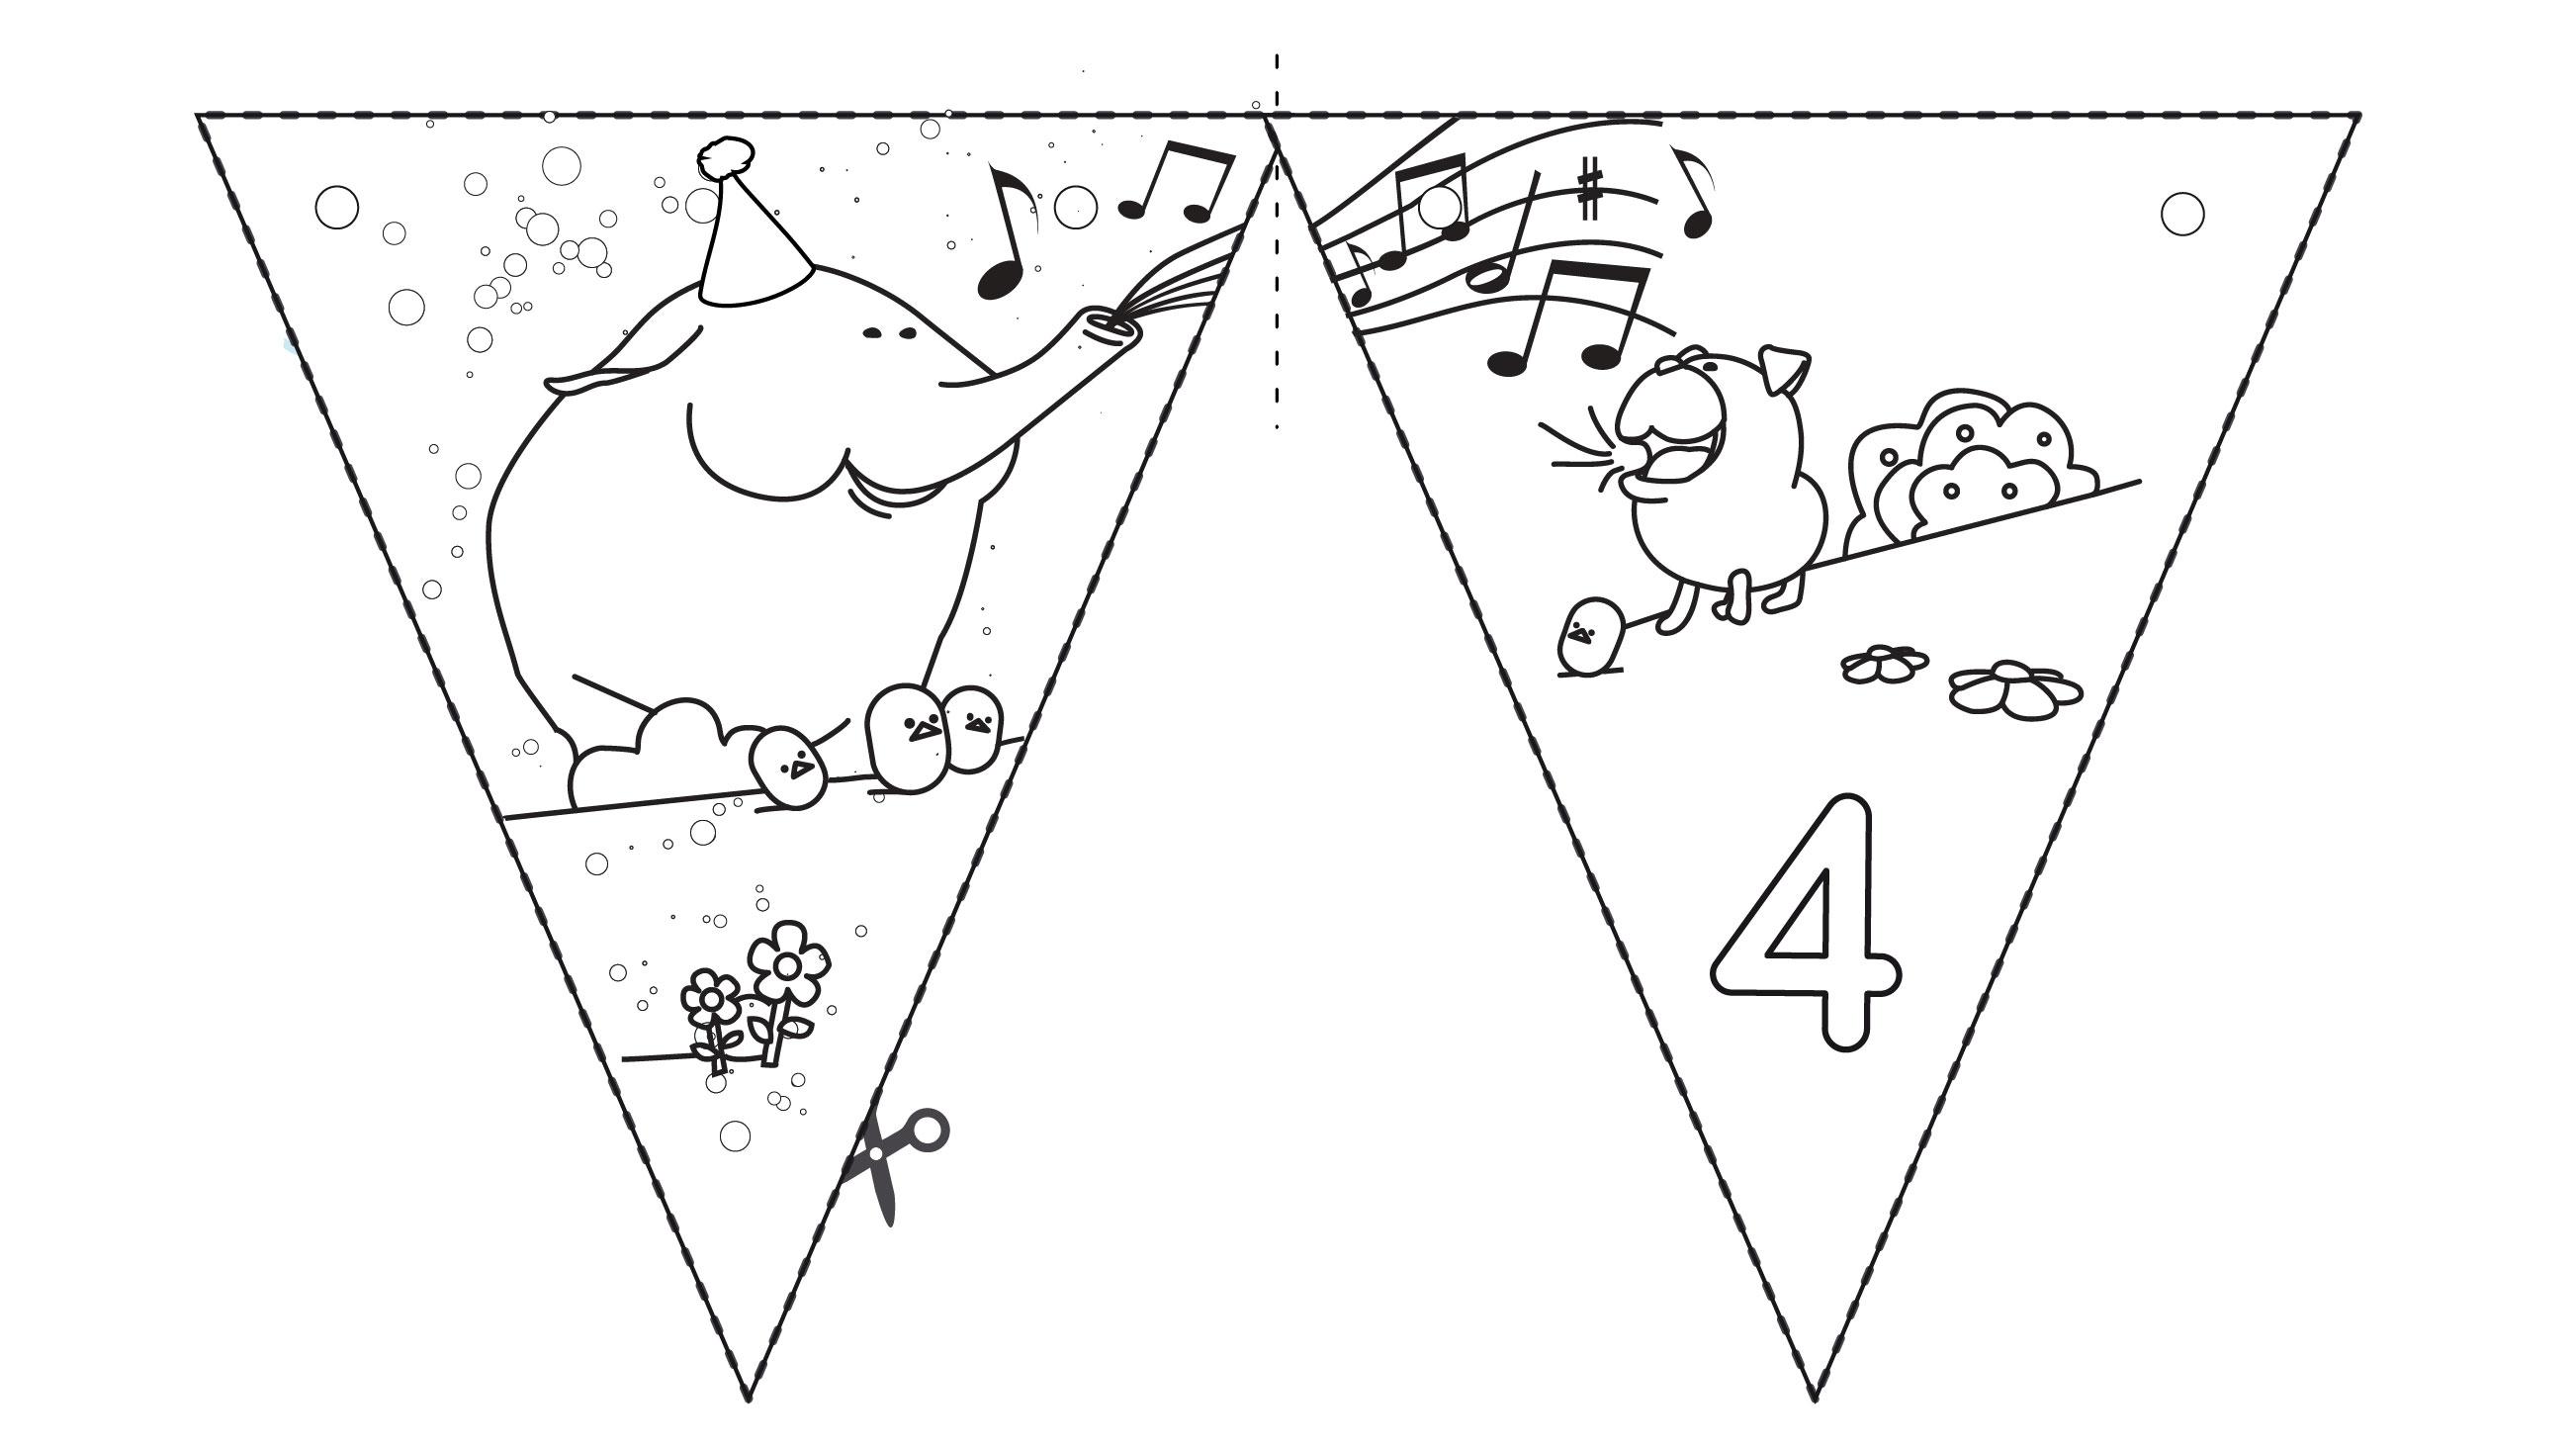 Npo zappelin outline slinger 04